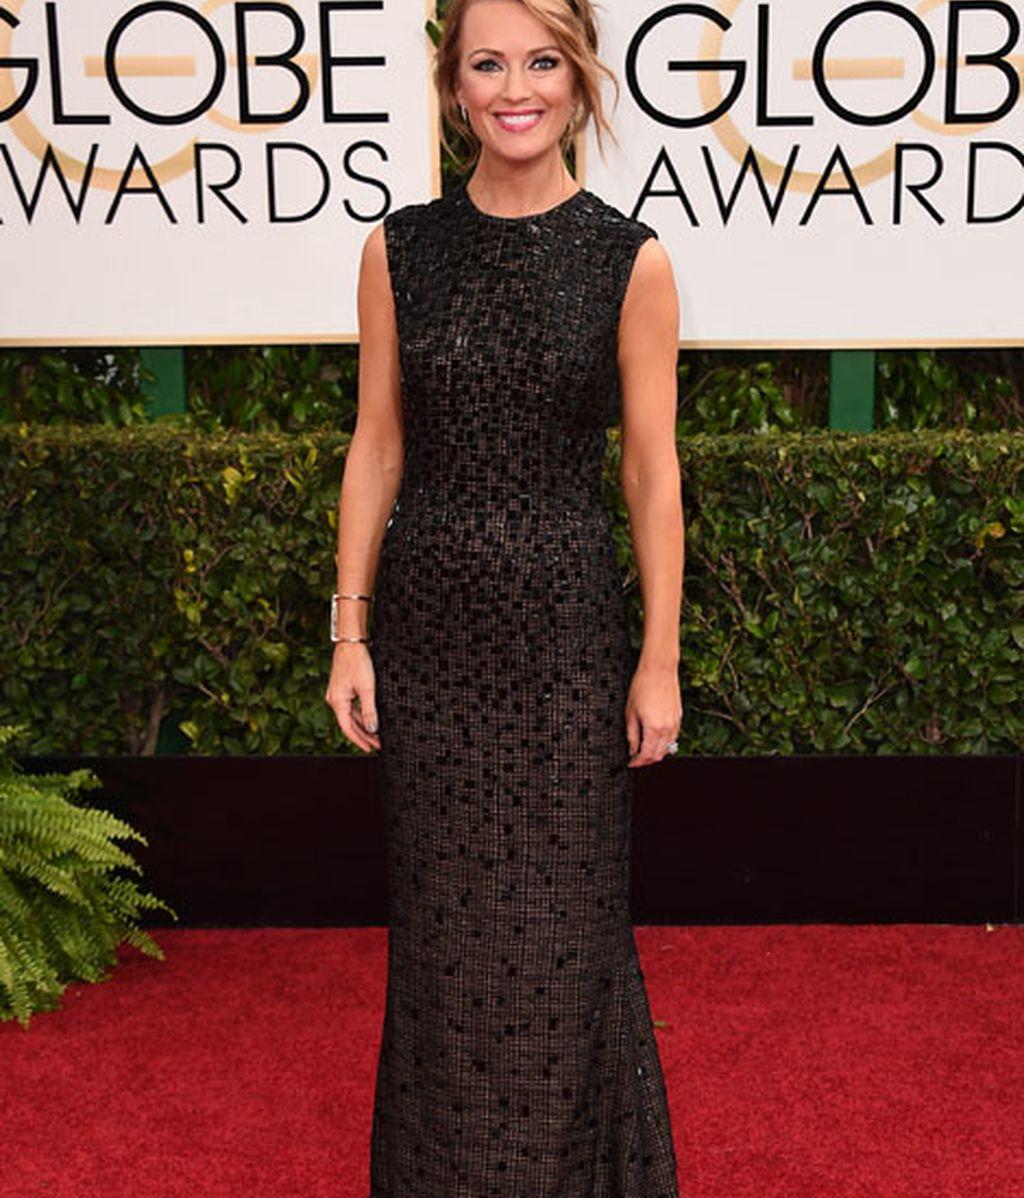 Brooke Anderson en la alfombra roja de los Globos de Oro